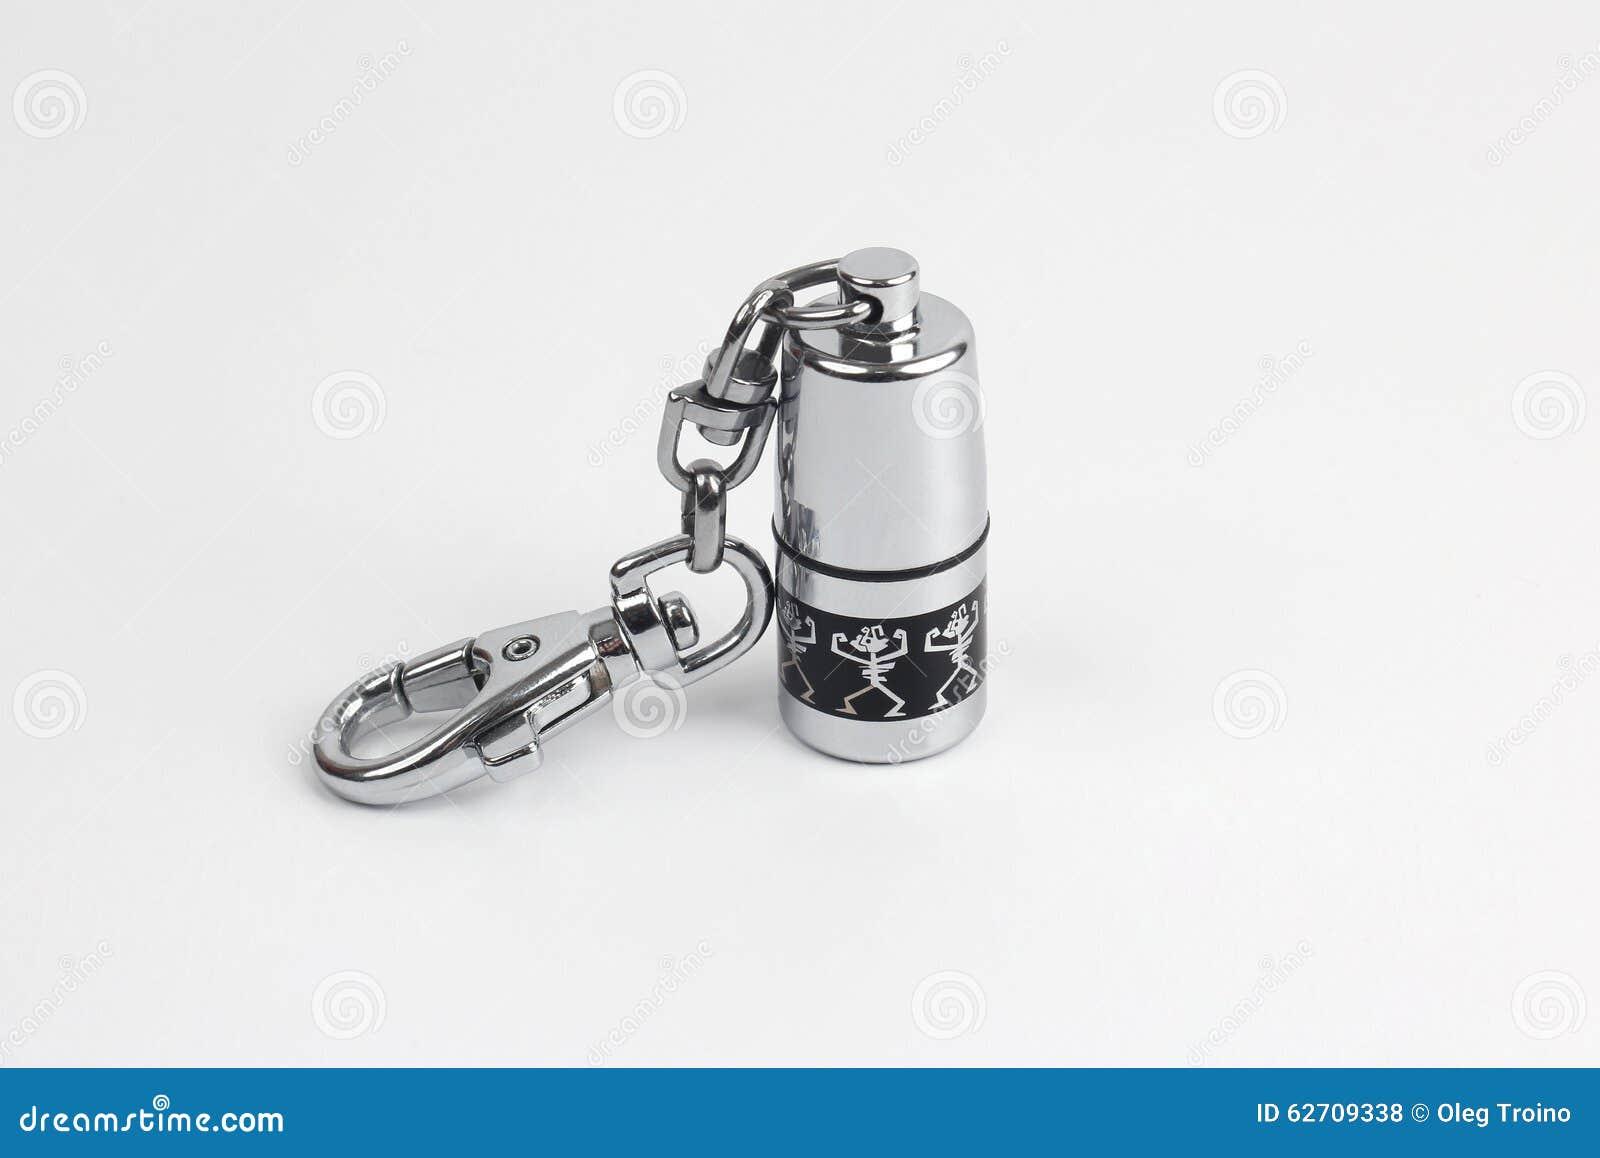 Συσκευή αστραπιαίας σκέψης Usb σε μια ερμητικώς σφραγισμένη περίπτωση μετάλλων